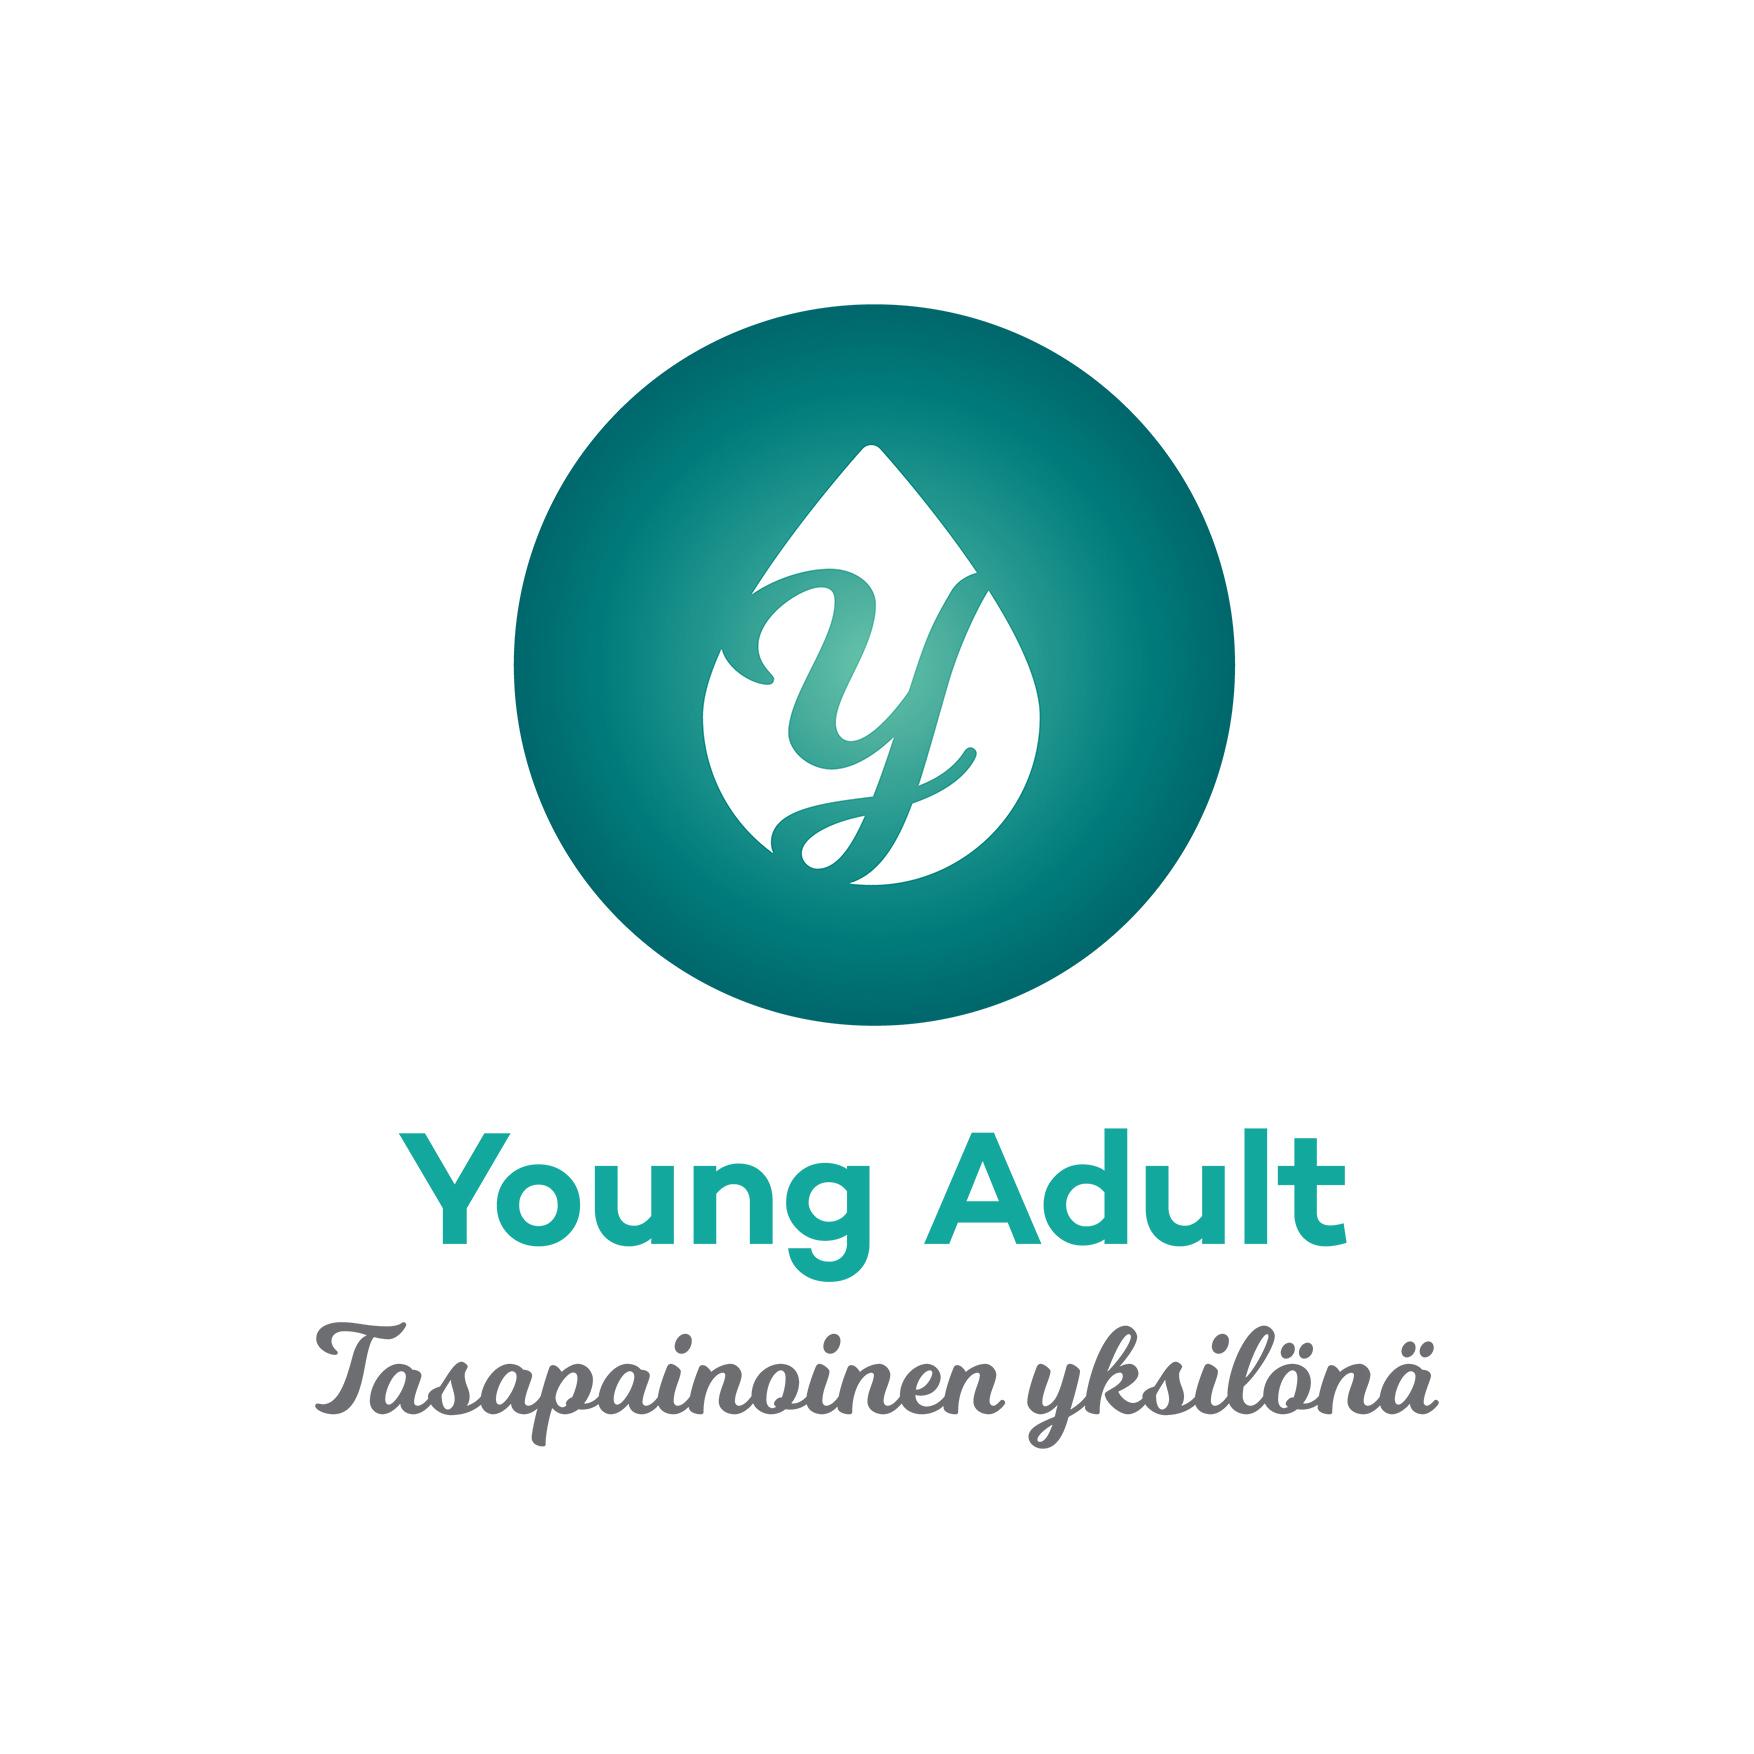 Young Adult, Tasapainoinen yksilönä